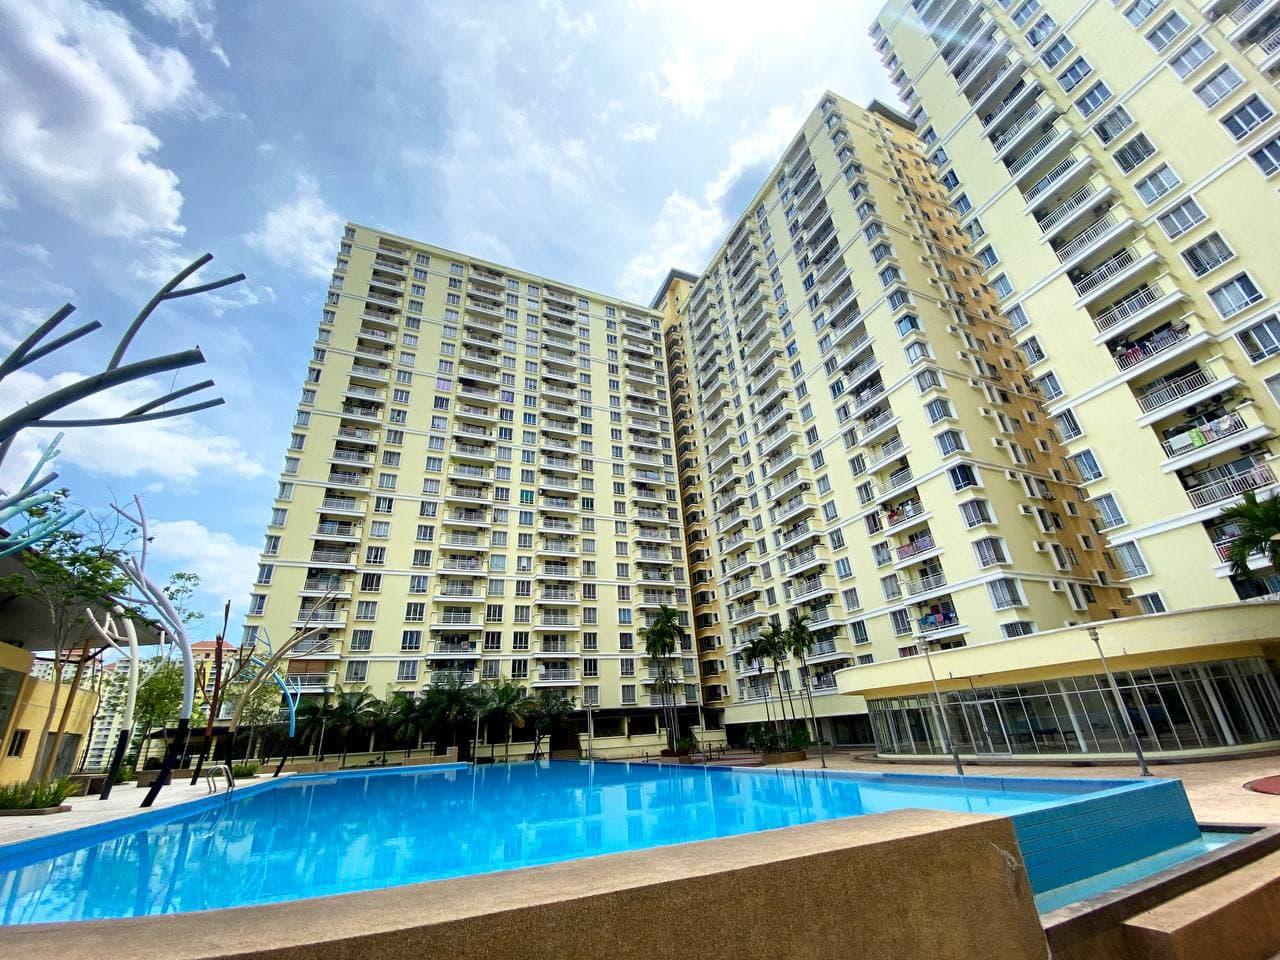 [Condo luas 1,207 sq. ft.] PV12 Condominium, Danau Kota, KL